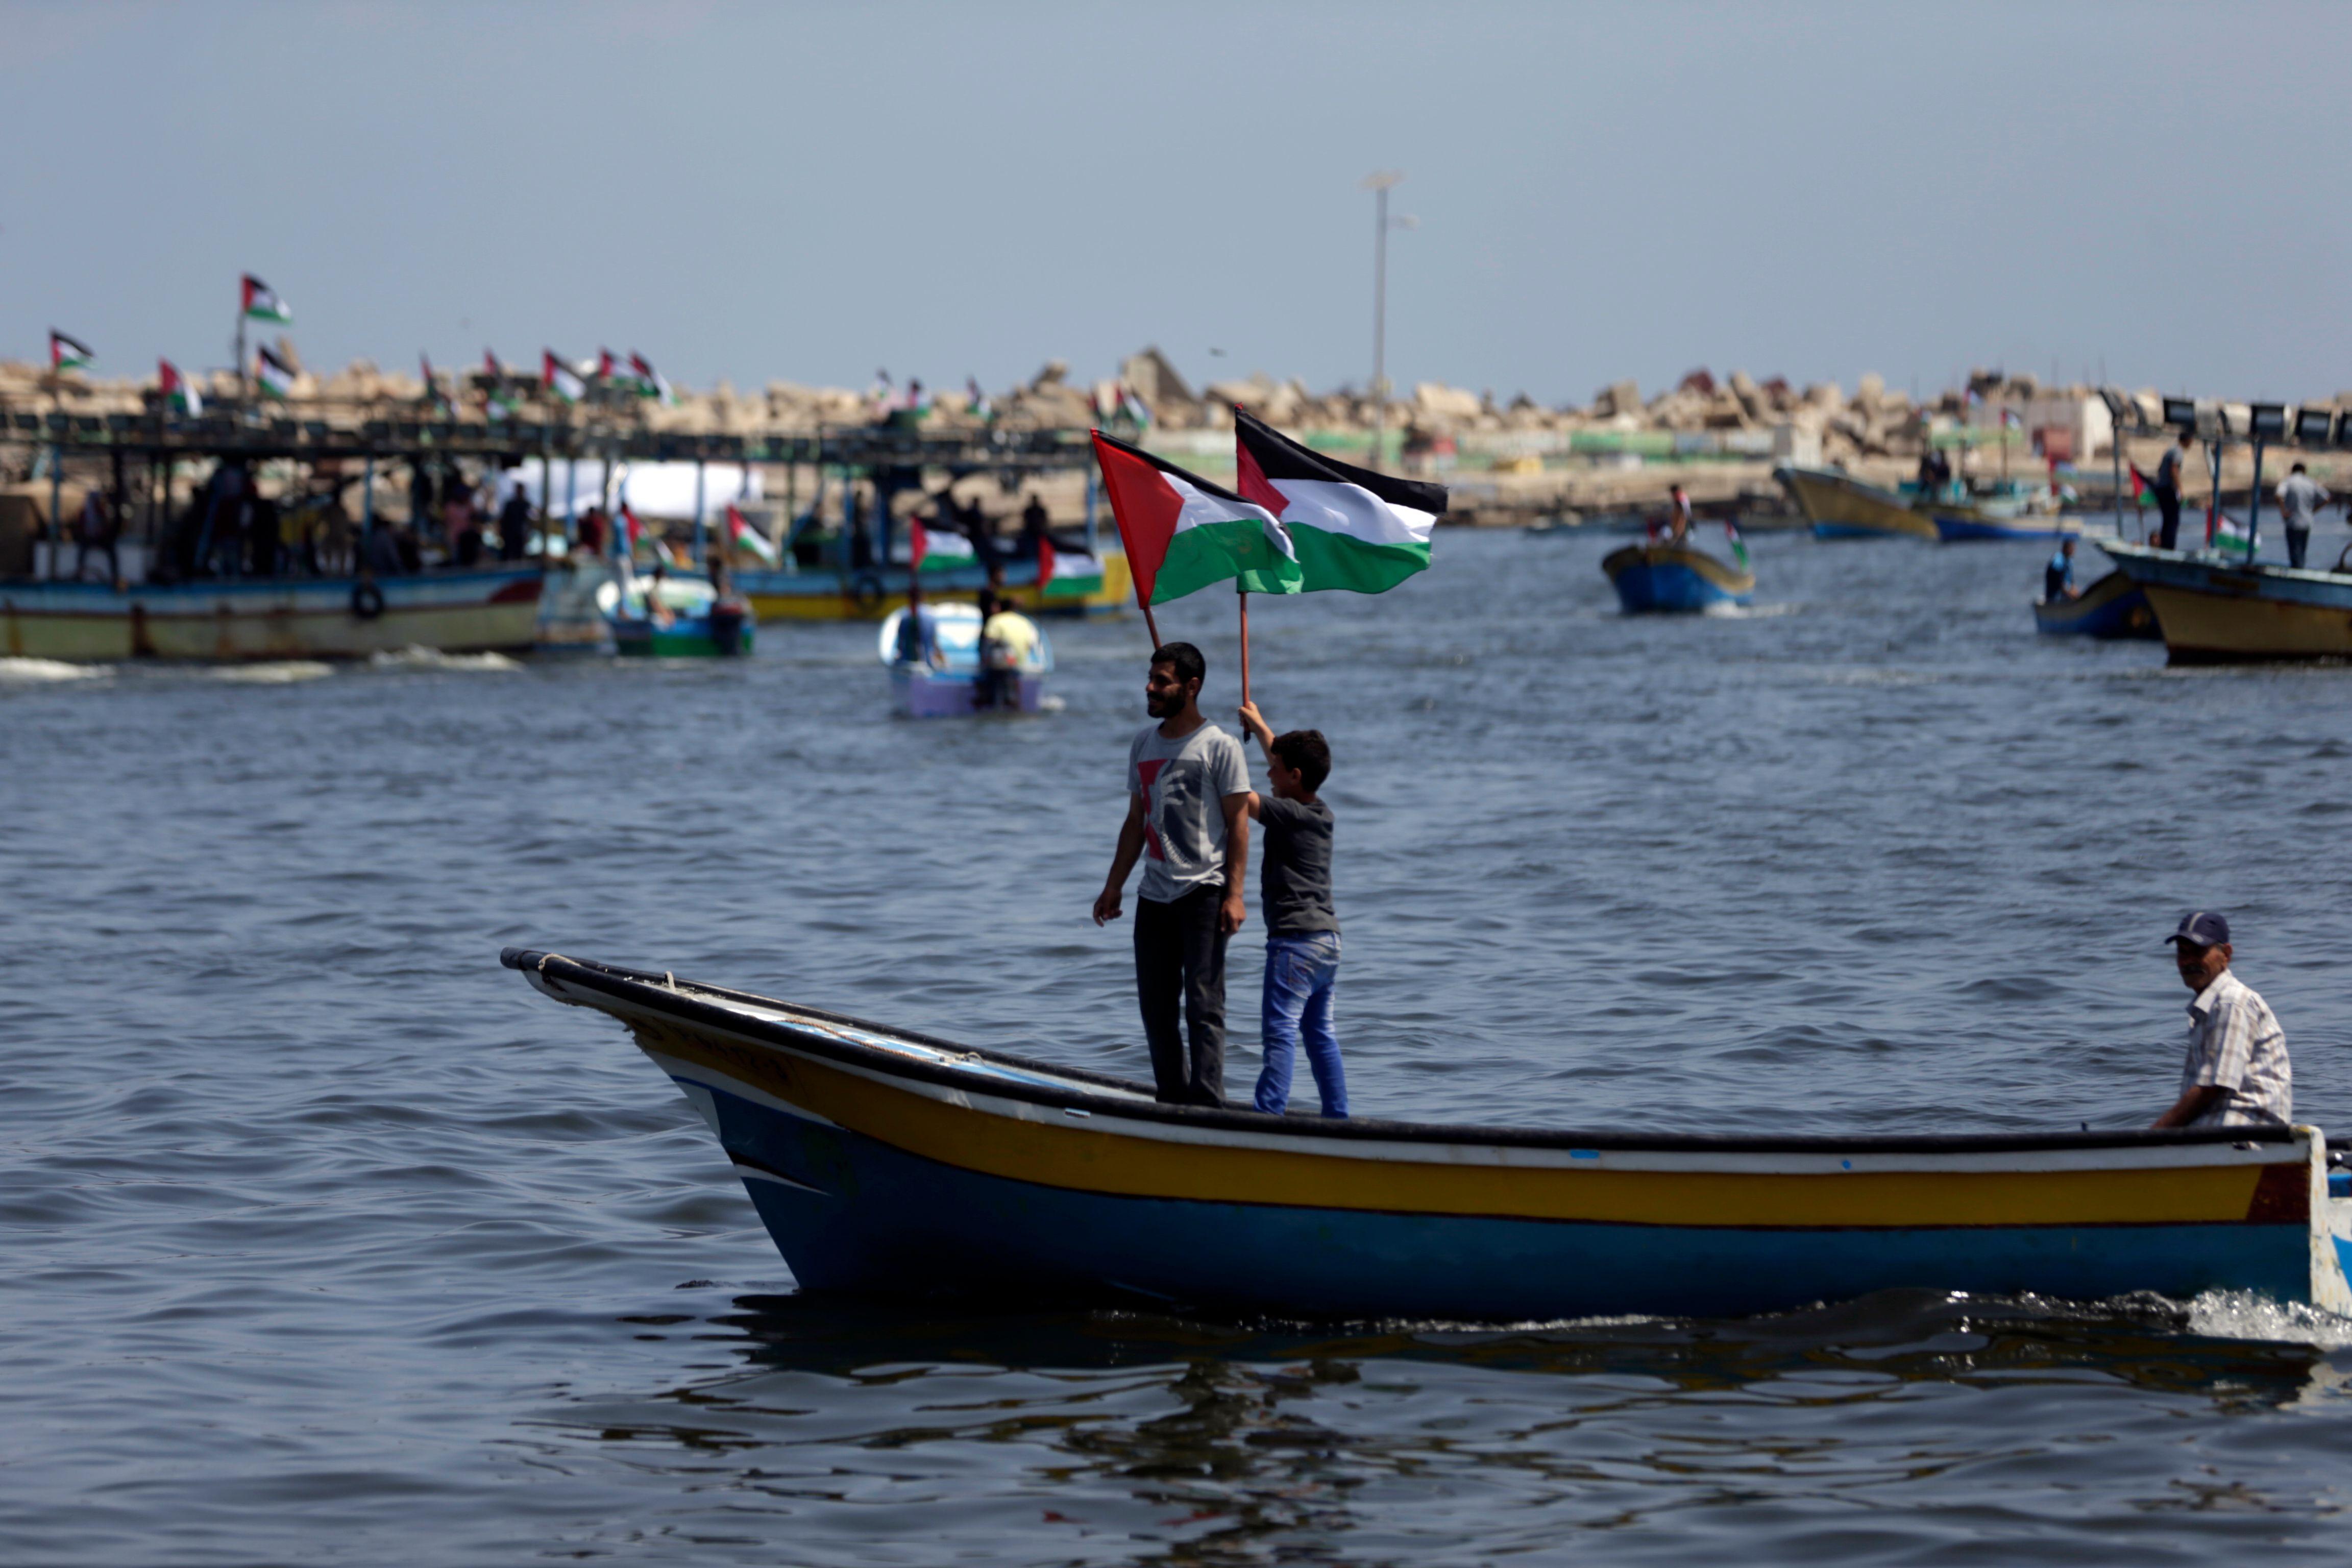 الشبان الفلسطينيون يبحرون إلى أوروبا